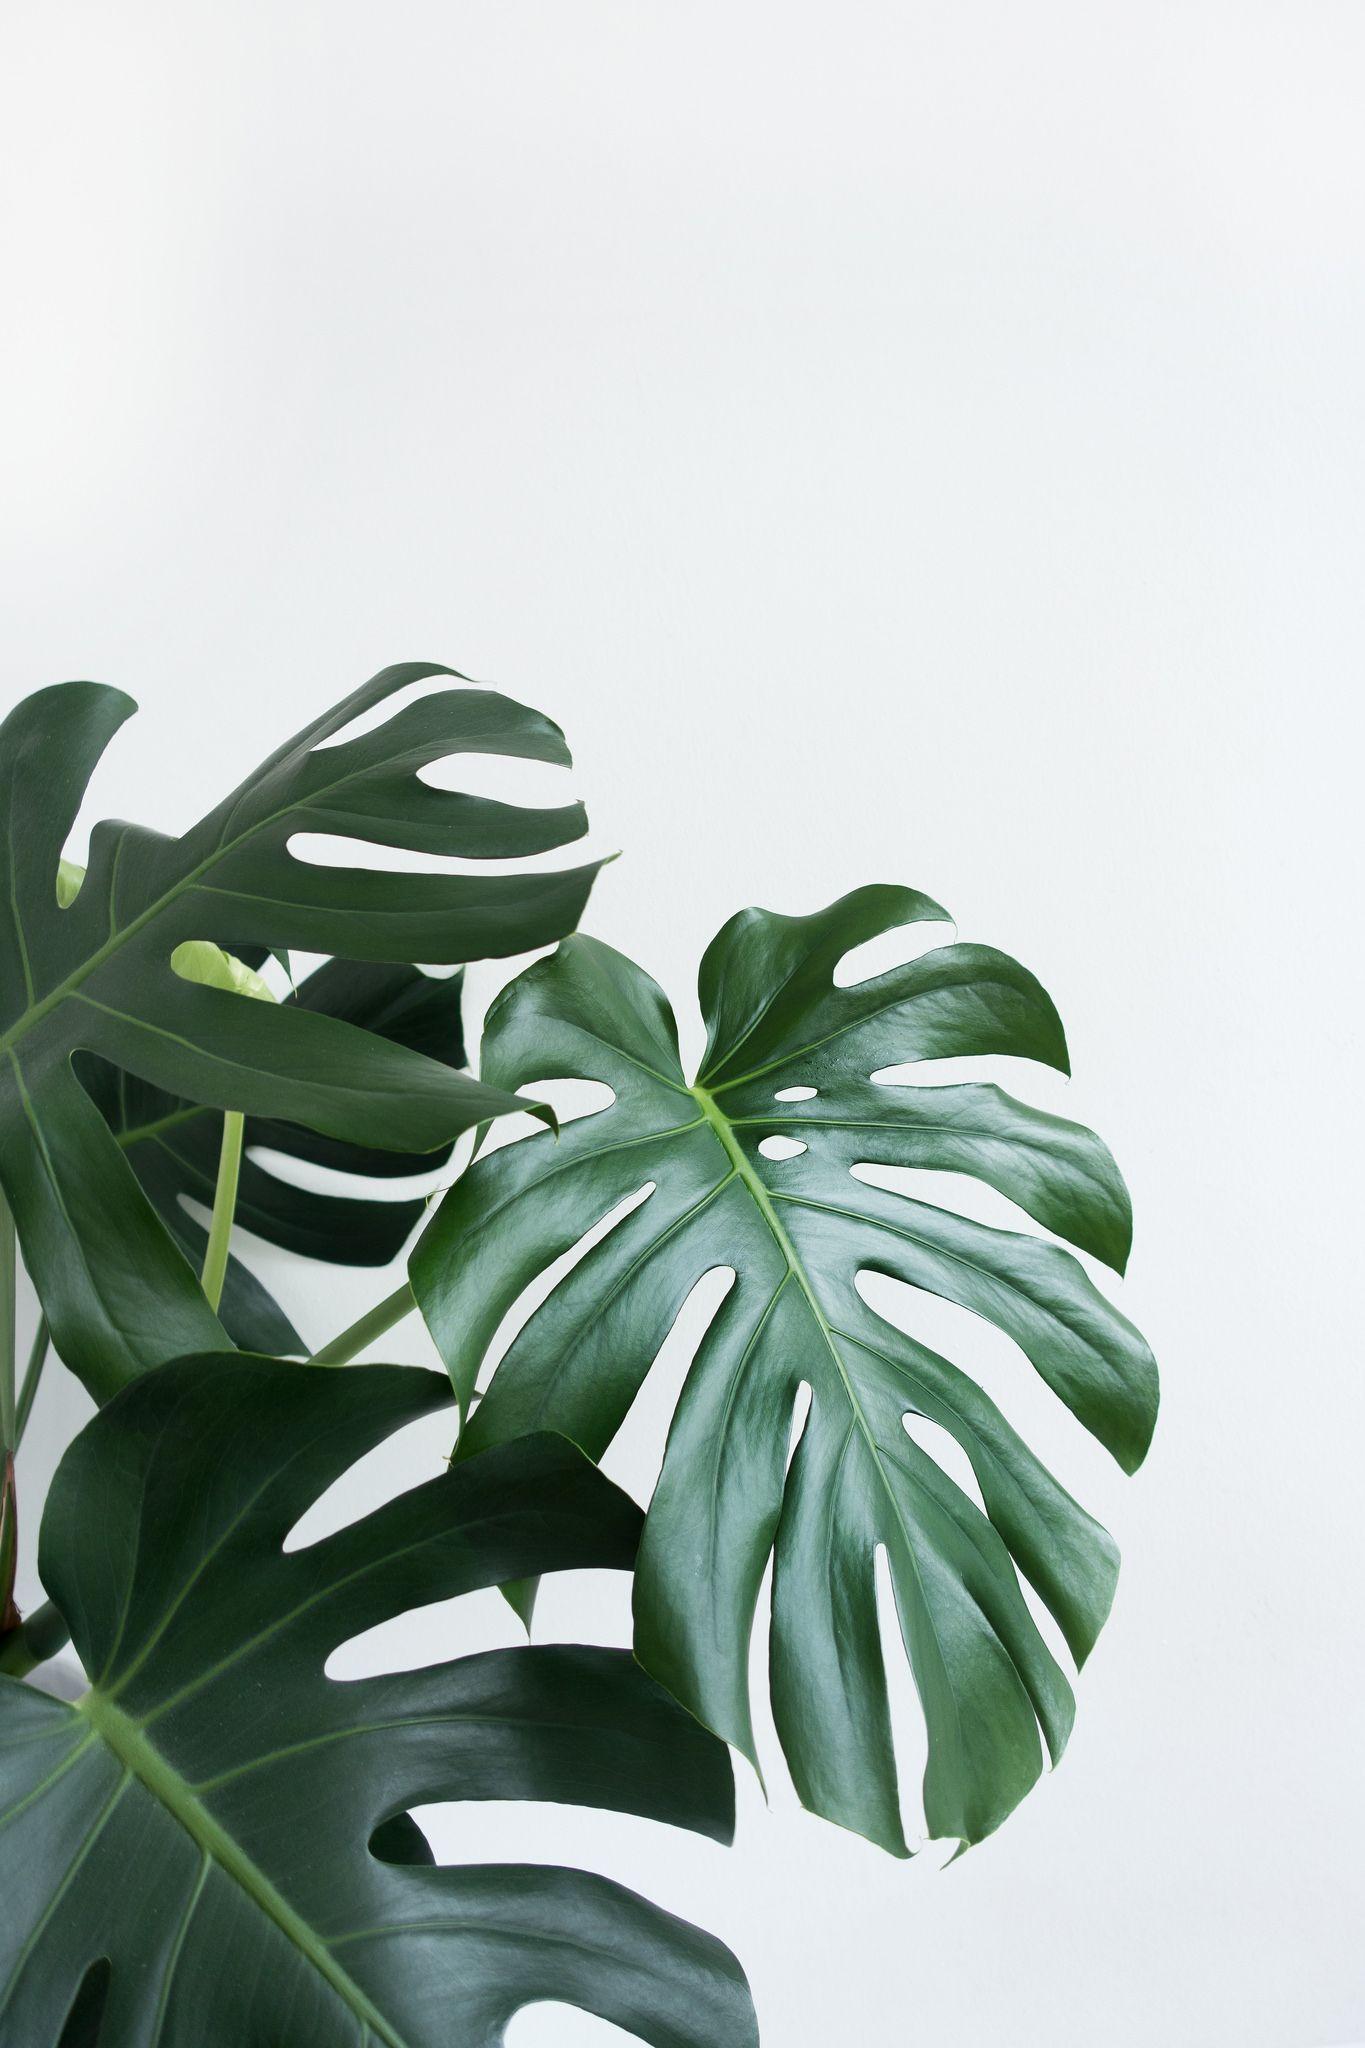 Minimalist Plant Wallpapers   Top Minimalist Plant 1365x2048